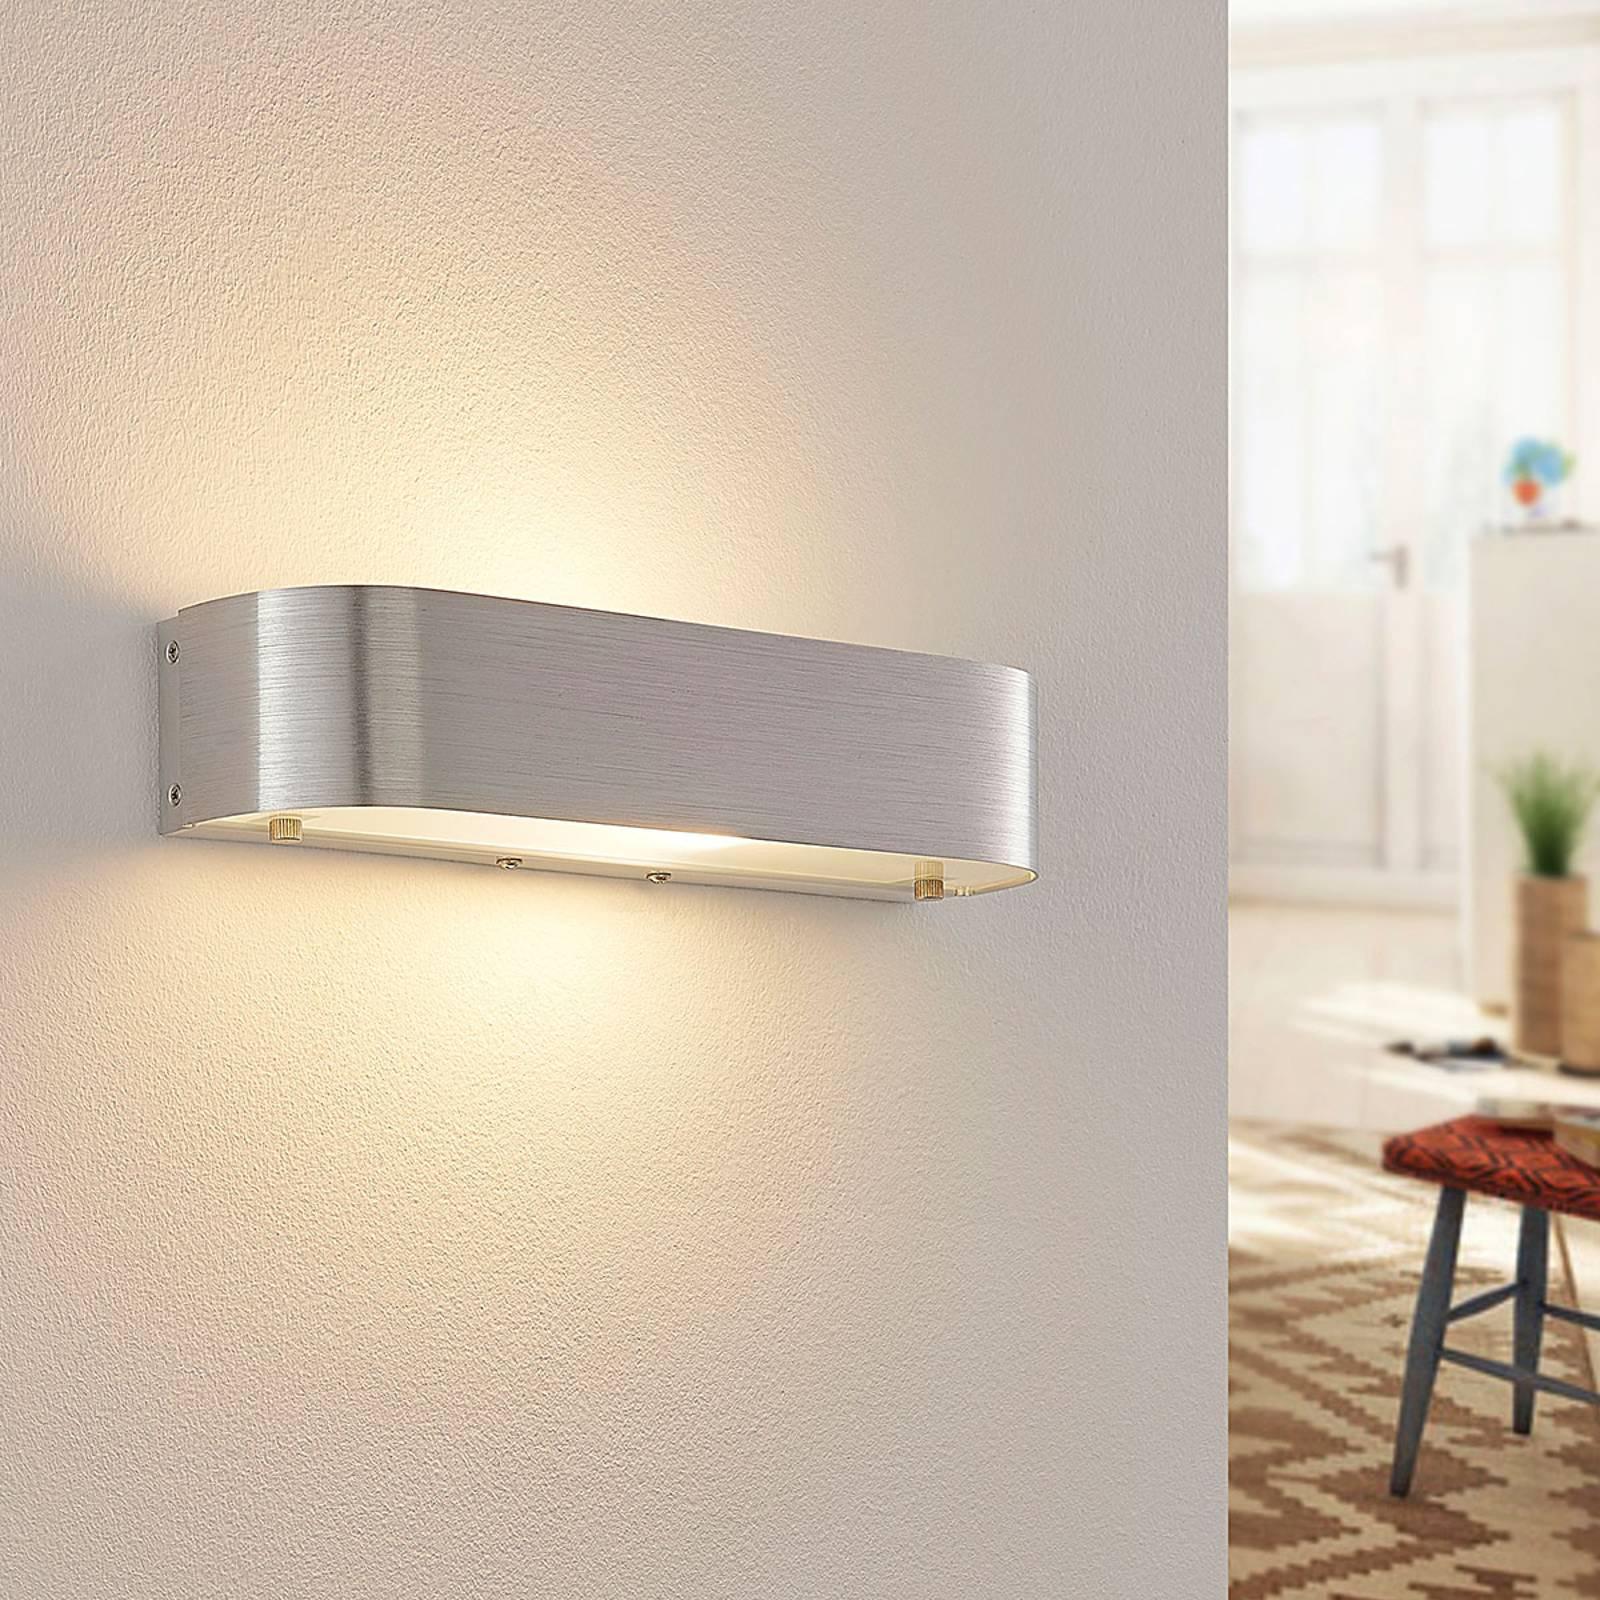 Alumiininen seinävalaisin Nika E14-LED-lampulla